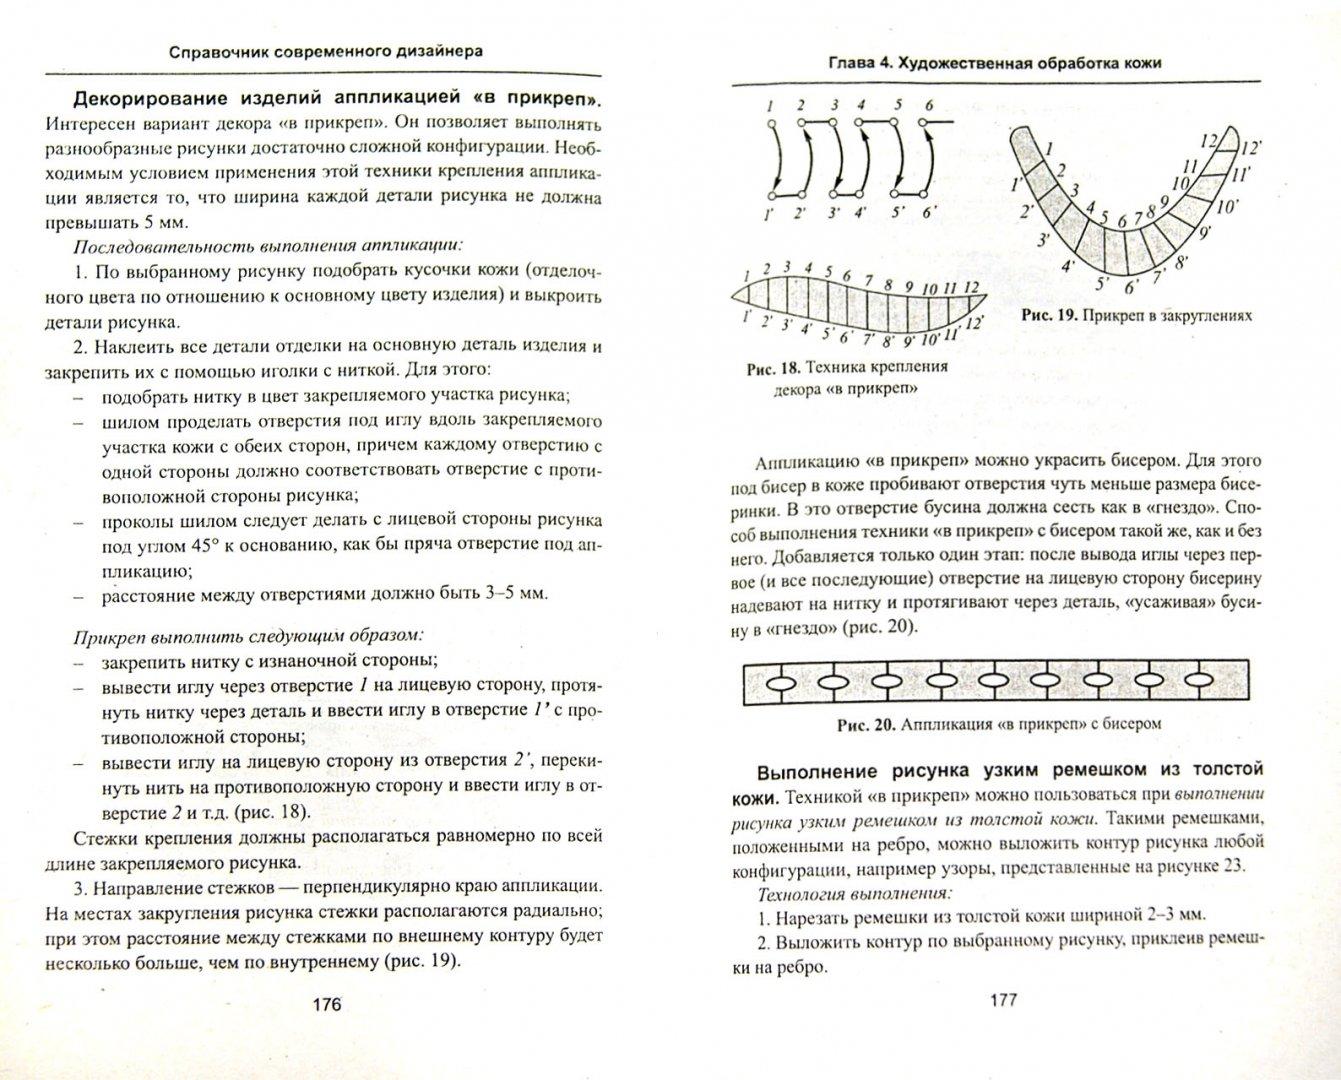 Иллюстрация 1 из 8 для Справочник современного дизайнера | Лабиринт - книги. Источник: Лабиринт